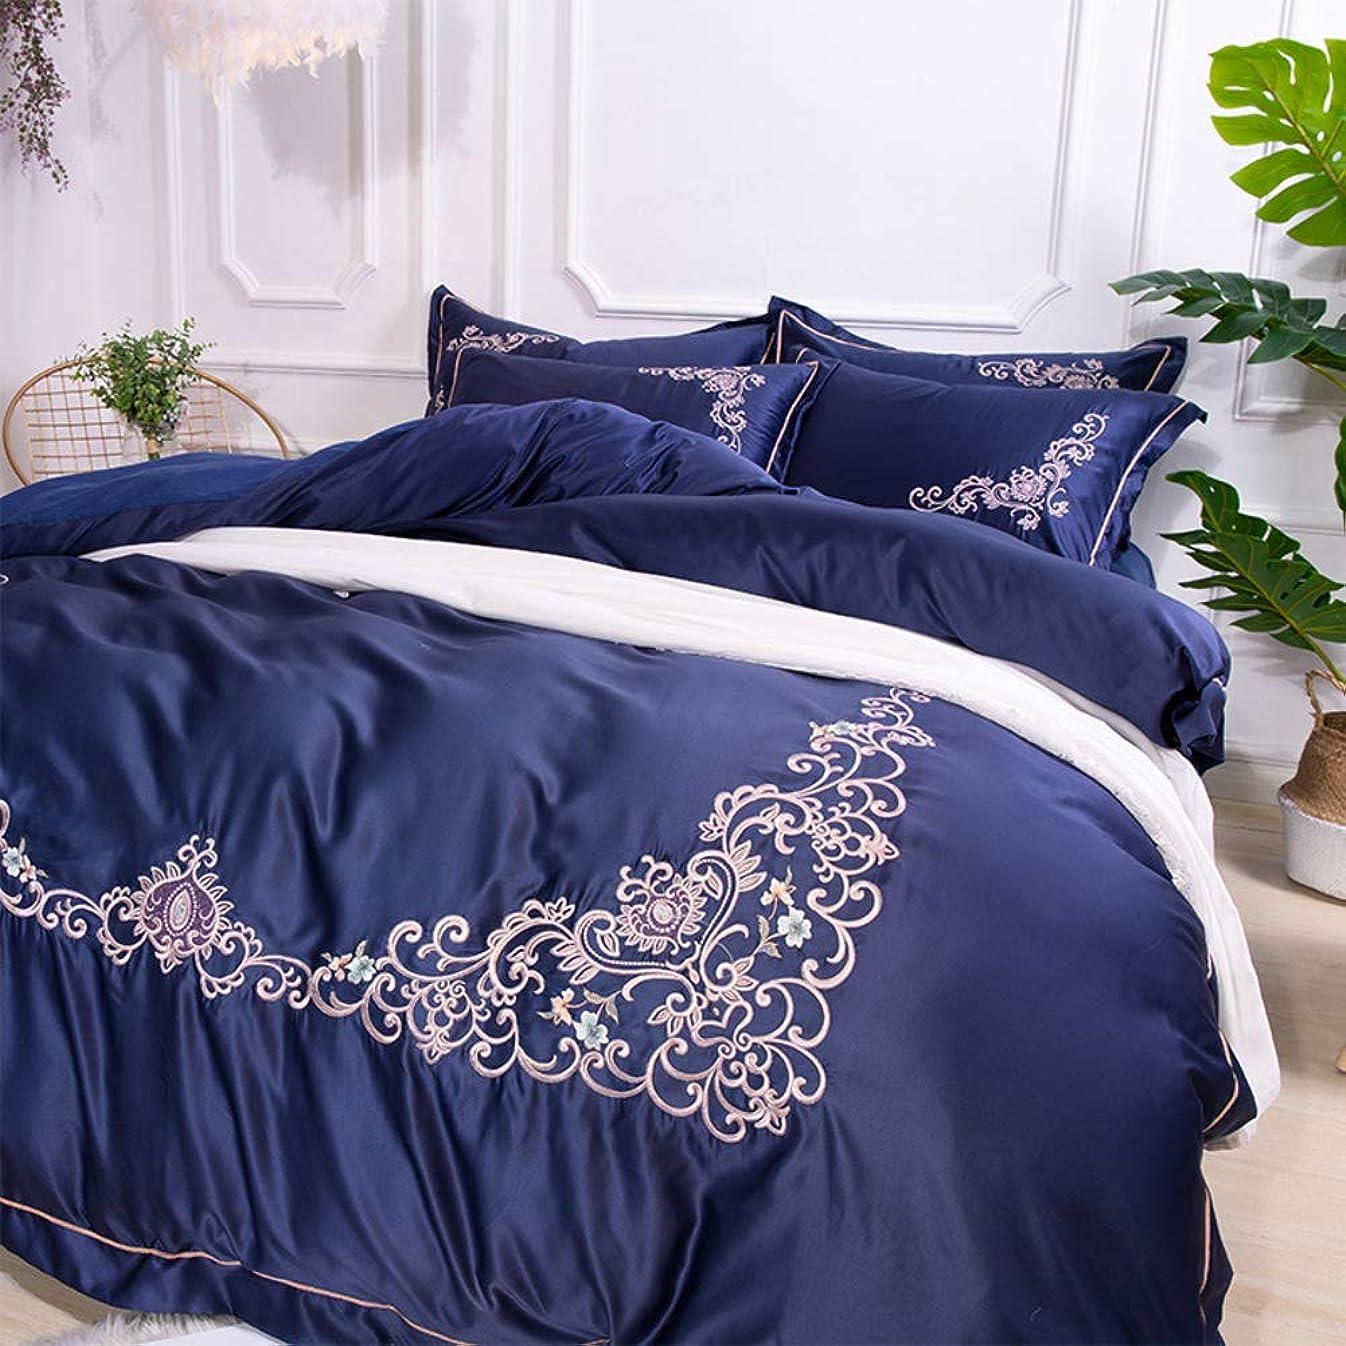 パラダイスシリンダー動詞シルク 刺繍 綿サテン 寝具カバーセット, 4 ピース ジャカード ソフト 快適 綿 夏 クールな 肌-フレンドリー 寝具ベッド ファスナー付け-t